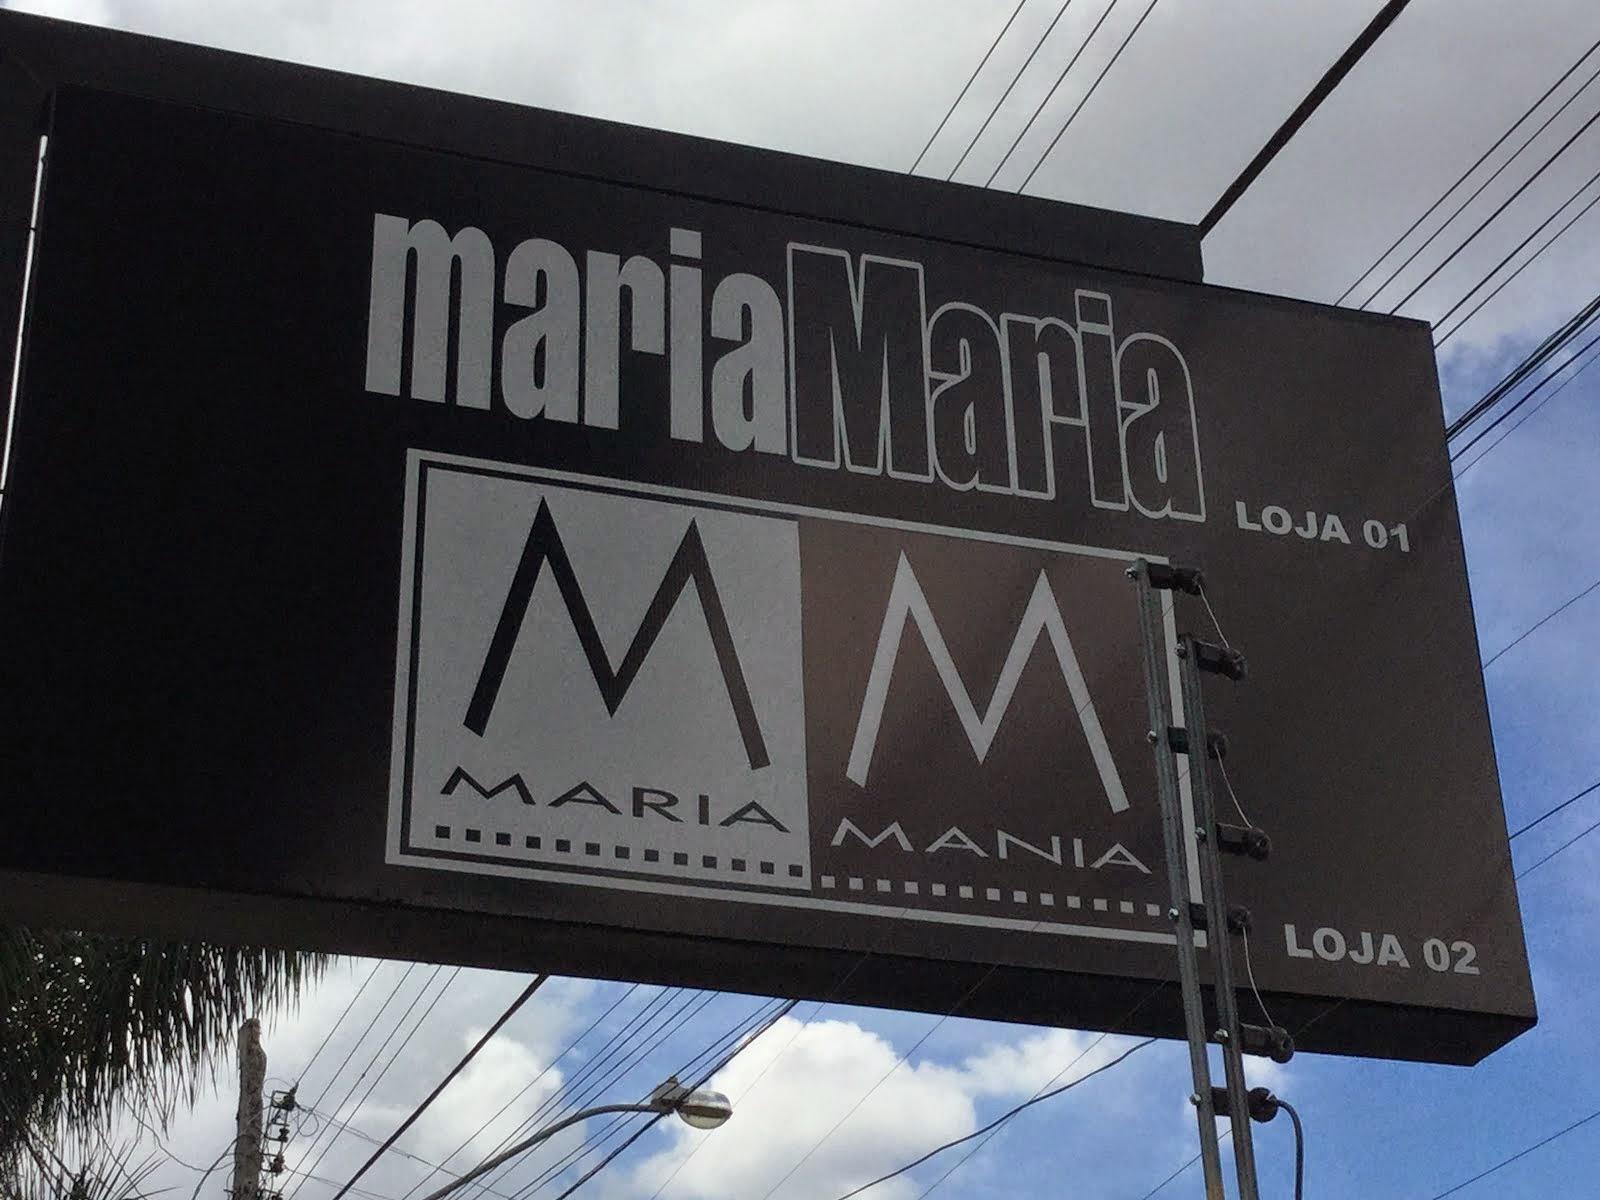 LOJA MARIA MARIA & MARIA MANIA